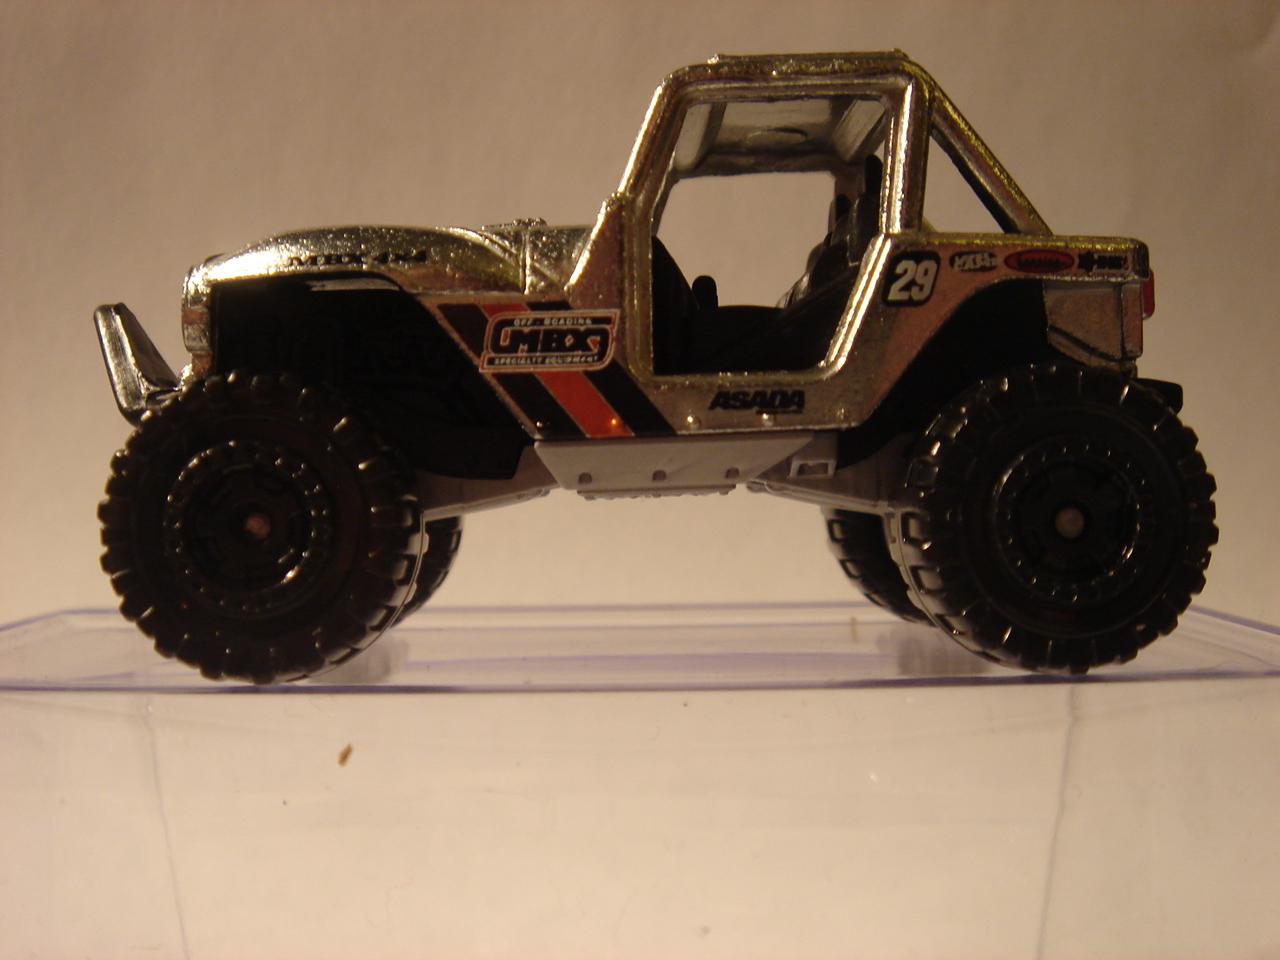 MBX 4x4